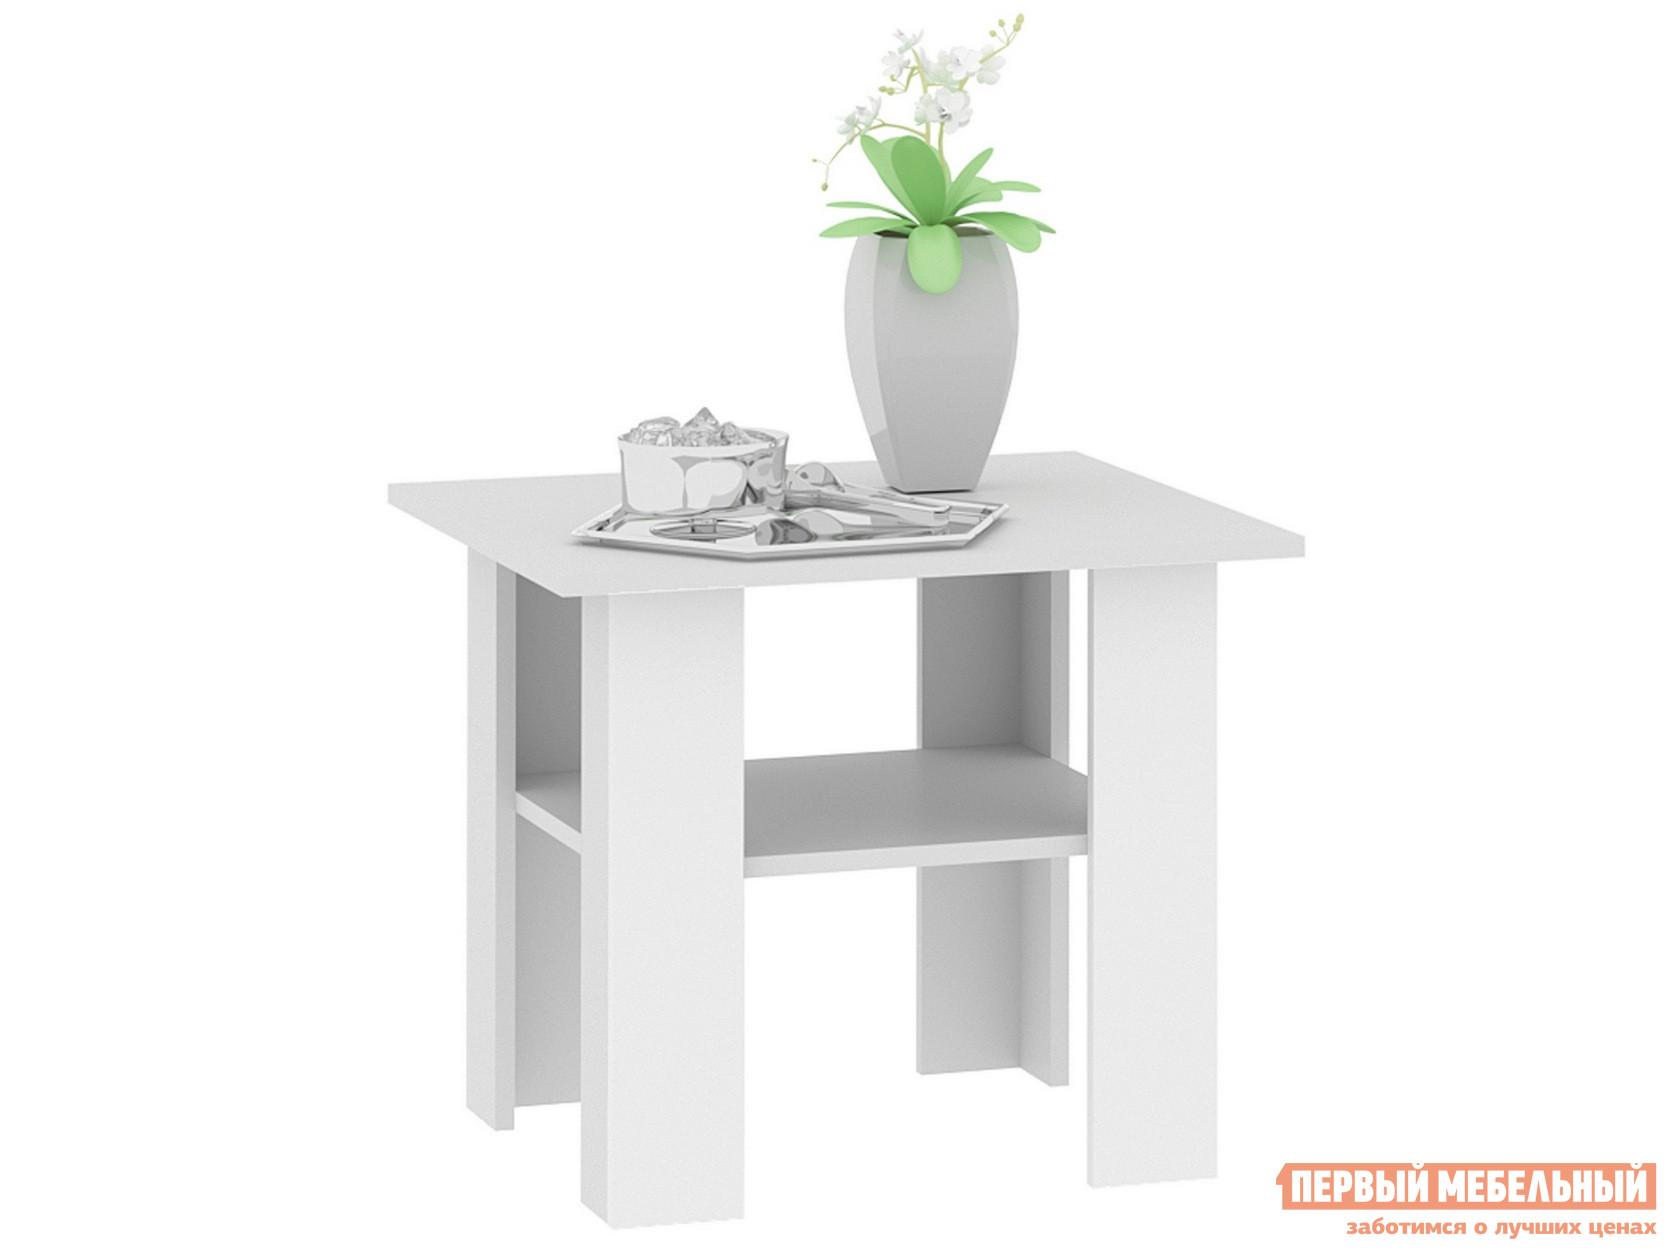 Журнальный столик НК-Мебель Макус